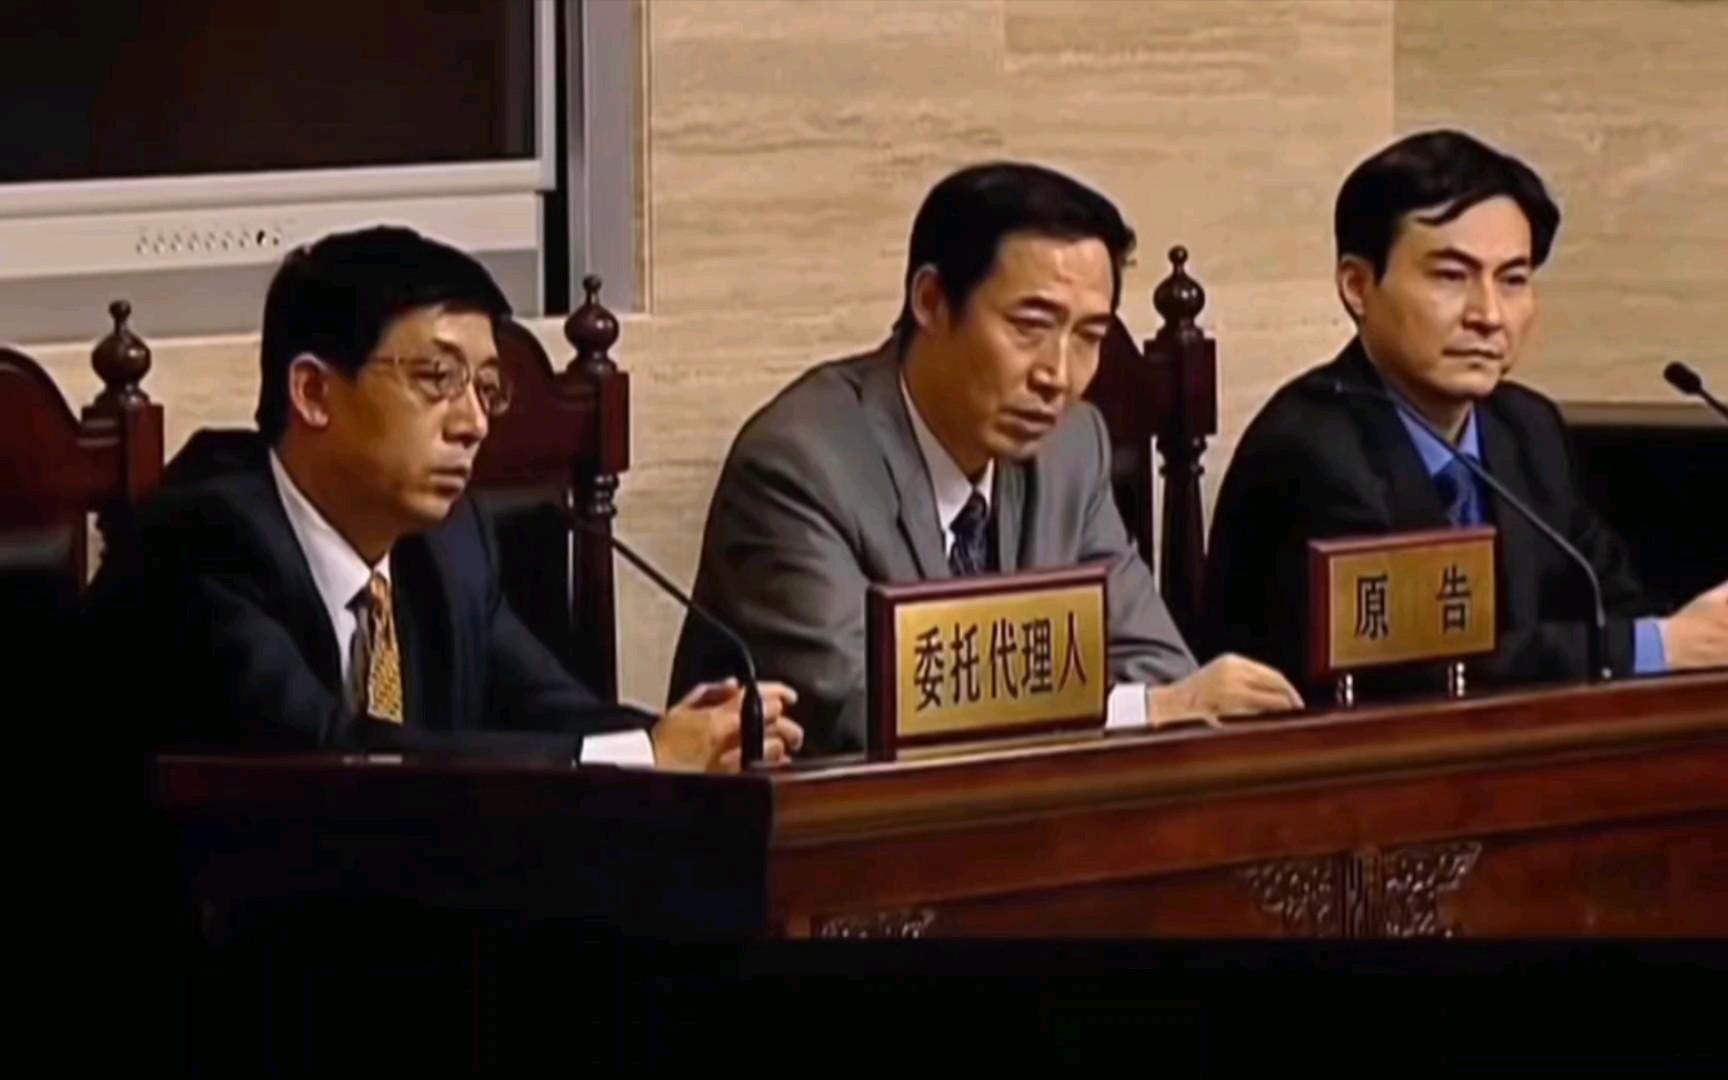 《天道》法院开庭 中国音响界第一例反不正当竞争案(中)